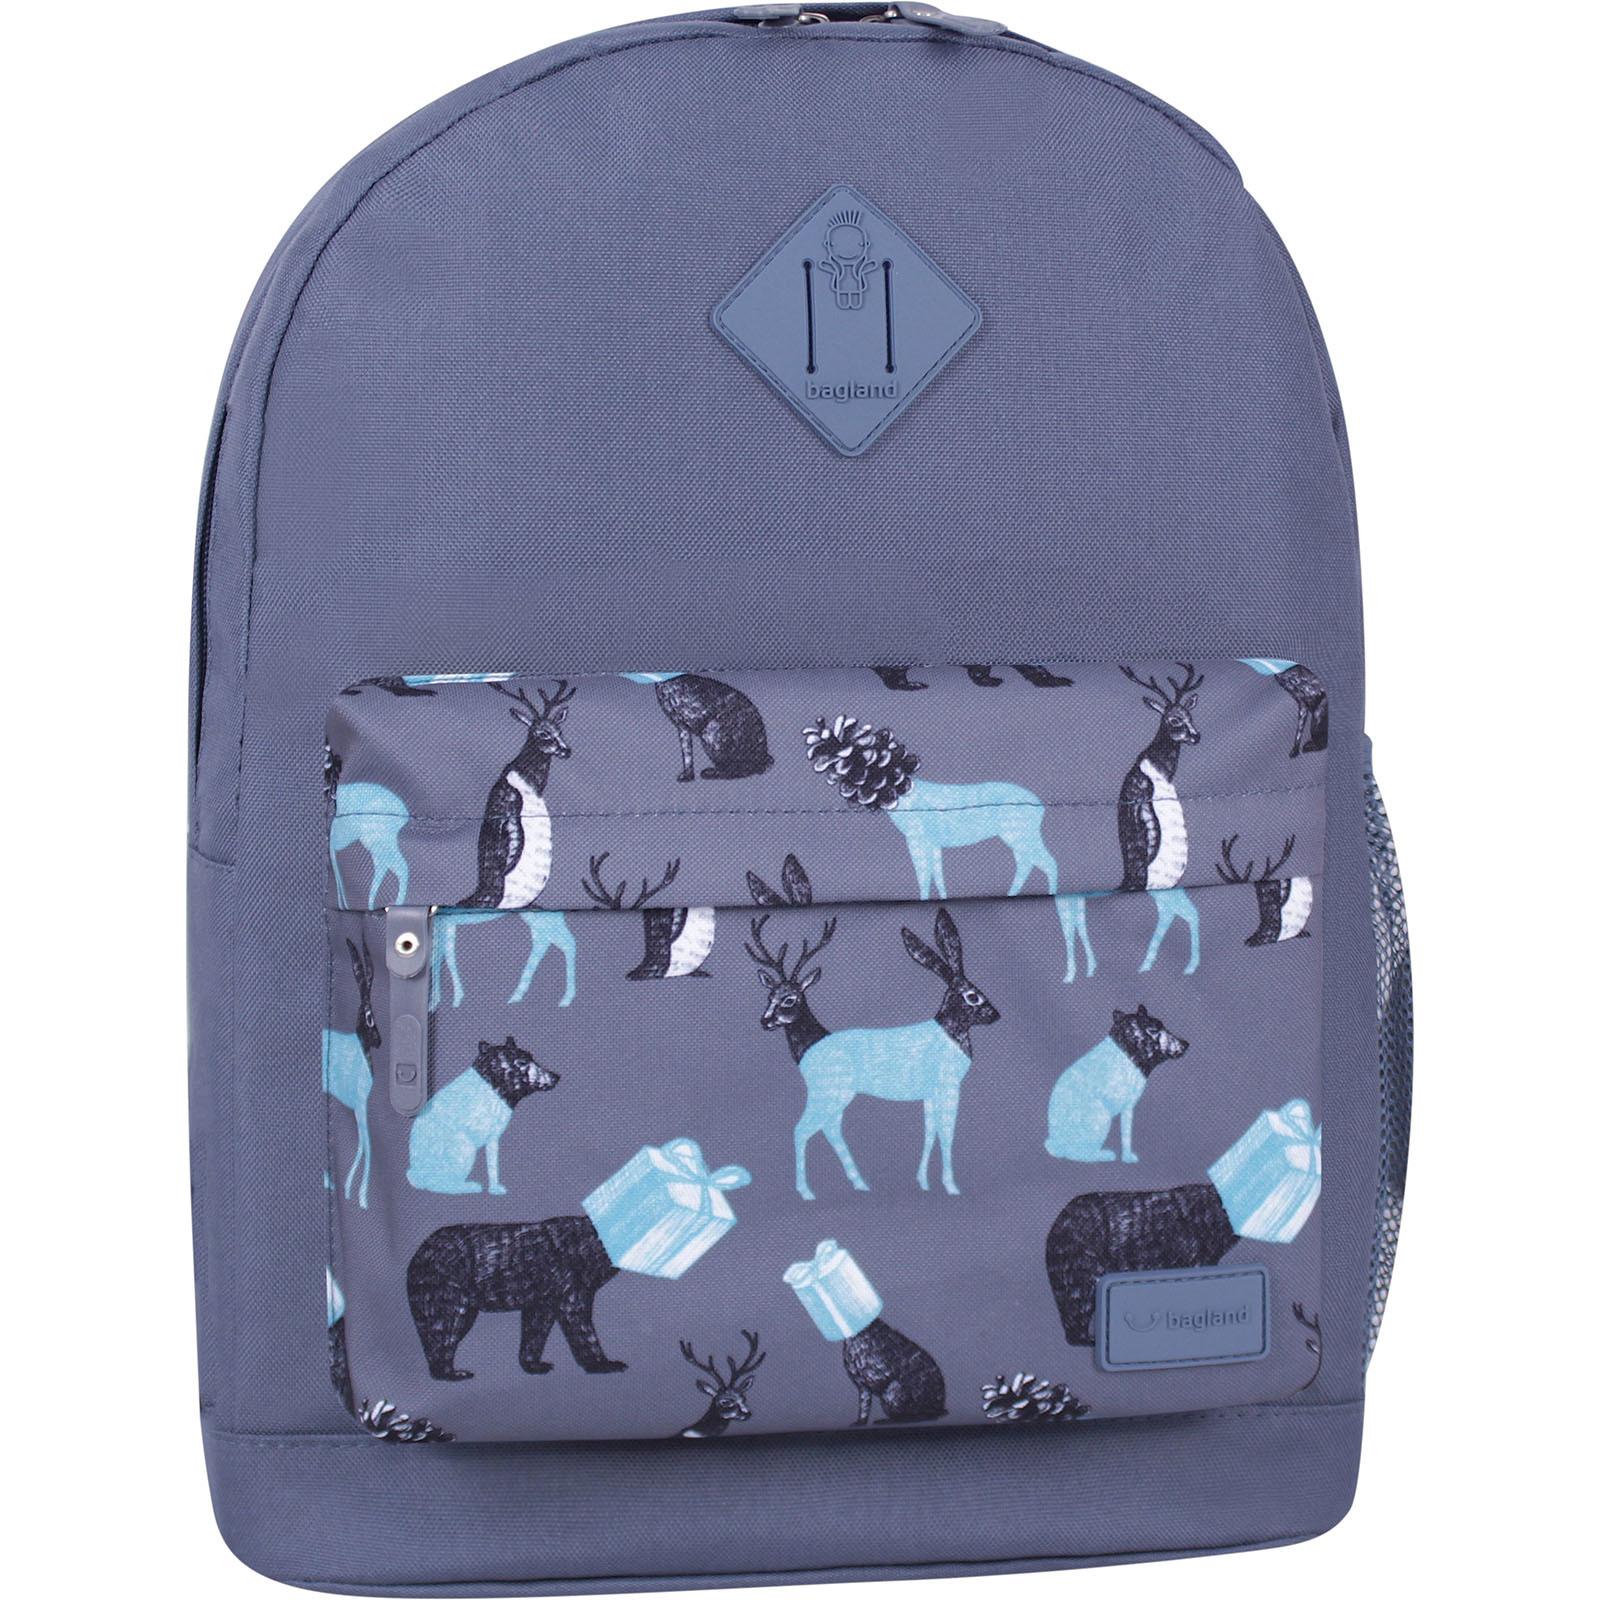 Городские рюкзаки Рюкзак Bagland Молодежный W/R 17 л. Серый 740 (00533662) IMG_6365_суб.ю740_.JPG